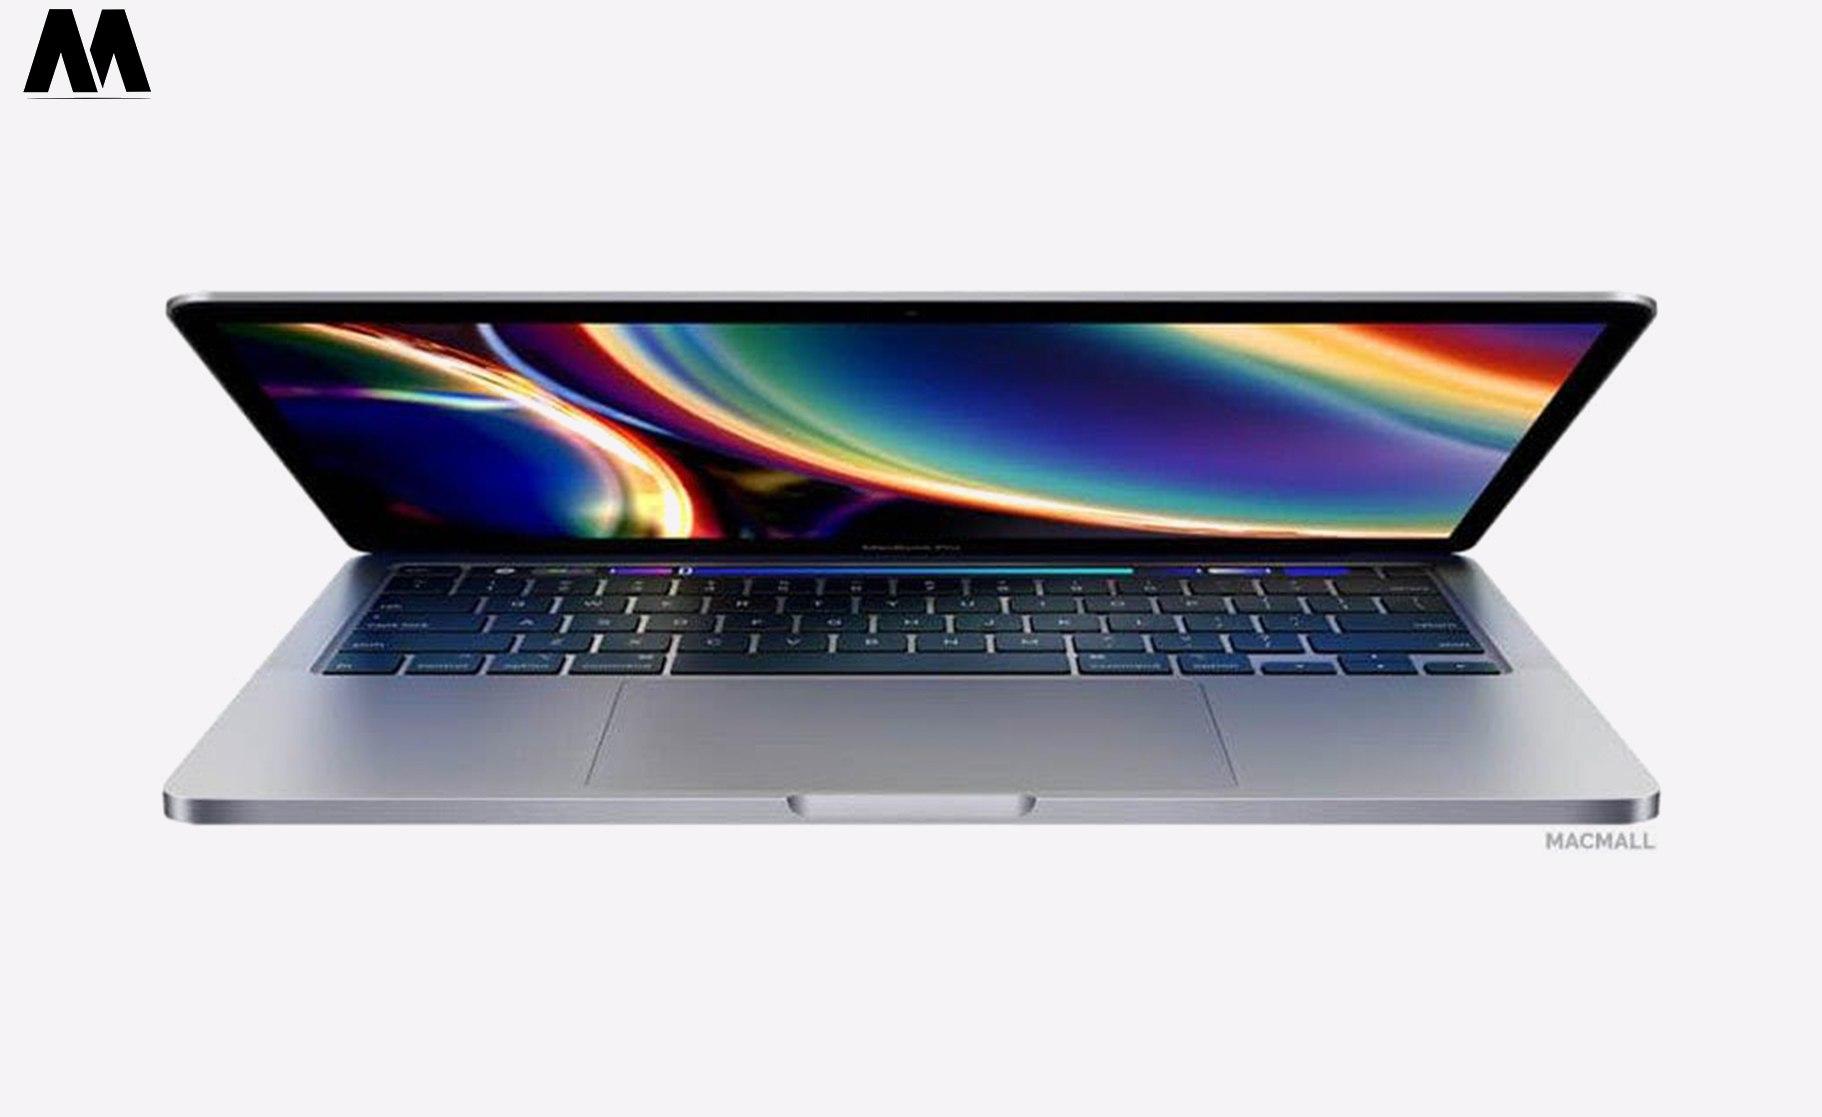 Thiết kế của MacBook Pro M1 2020 không có thay đổi nhiều